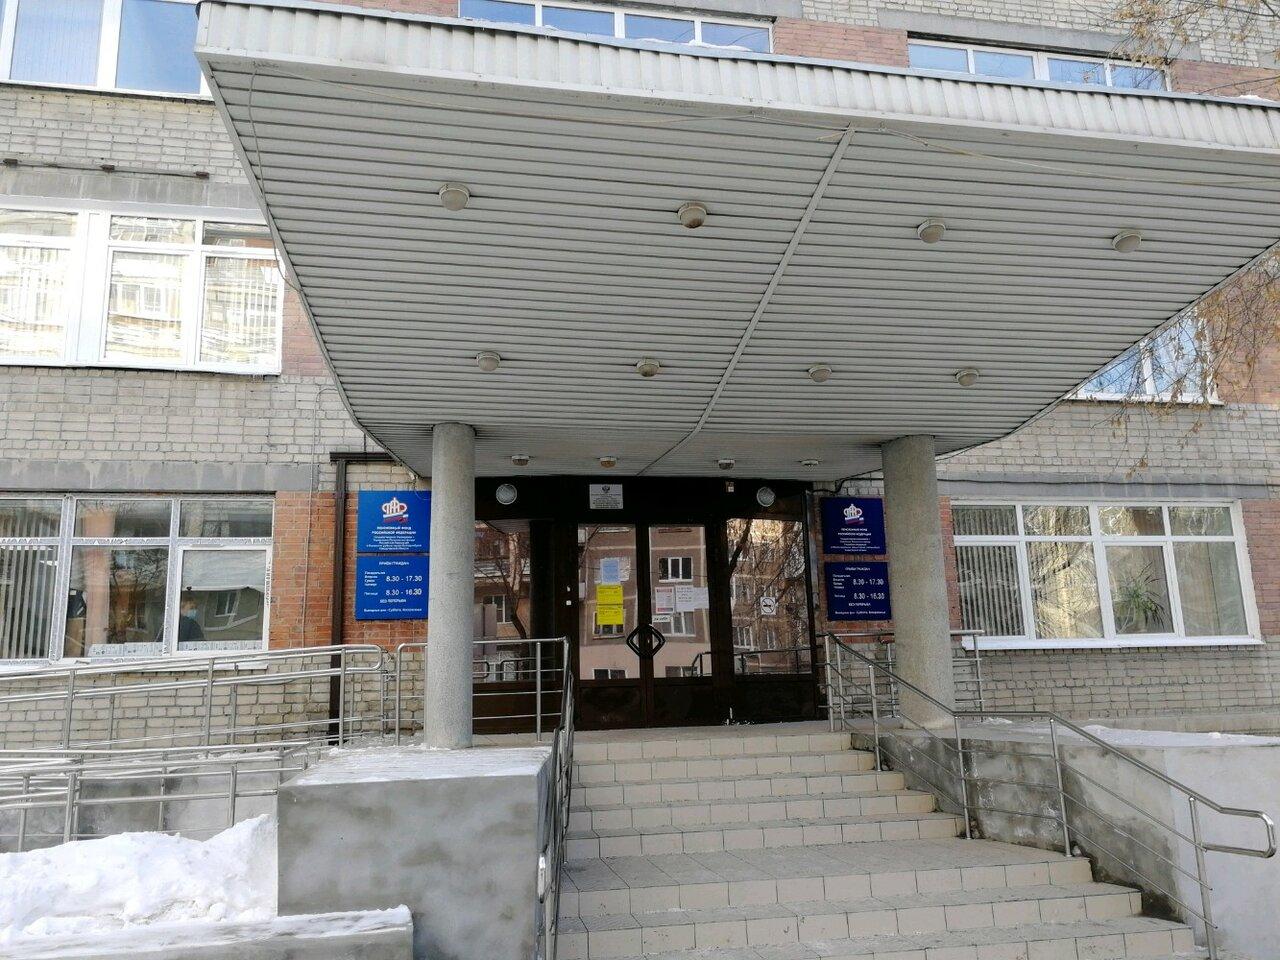 Пенсионный фонд кировского района екатеринбурга личный кабинет минимальная пенсия по старости в 2021 в россии